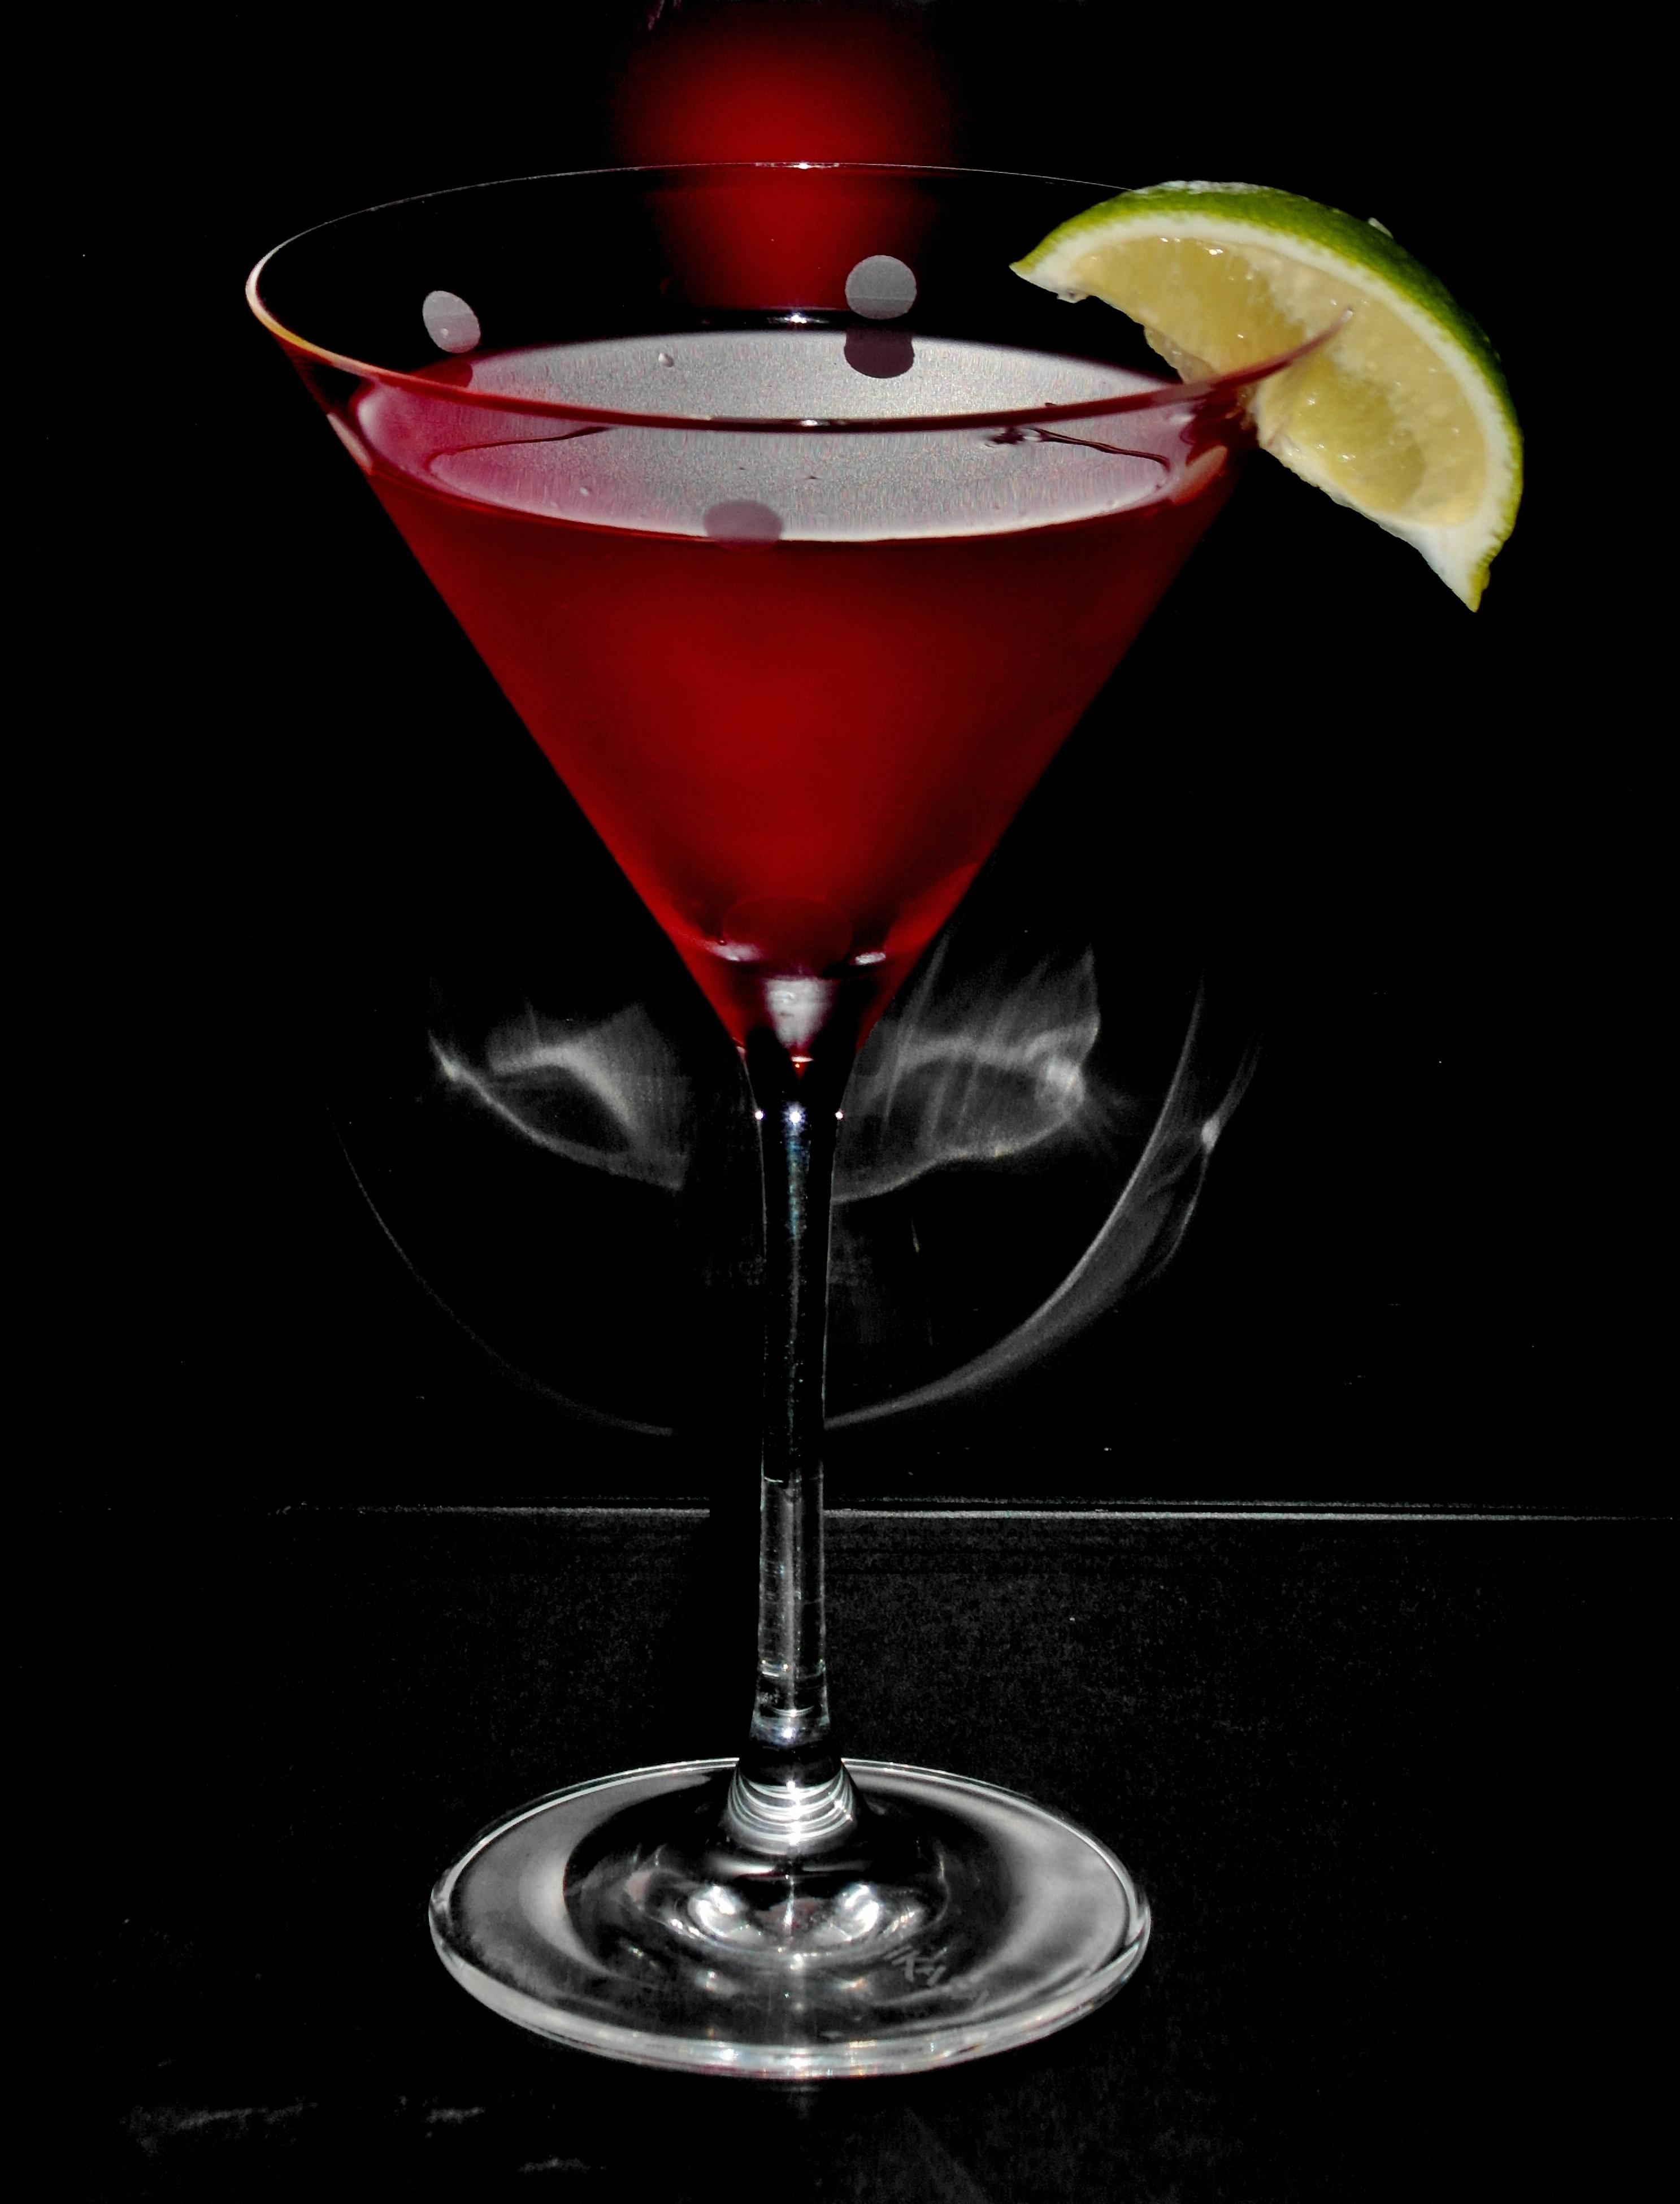 шарф красивые картинки мартини которая агитационного периода